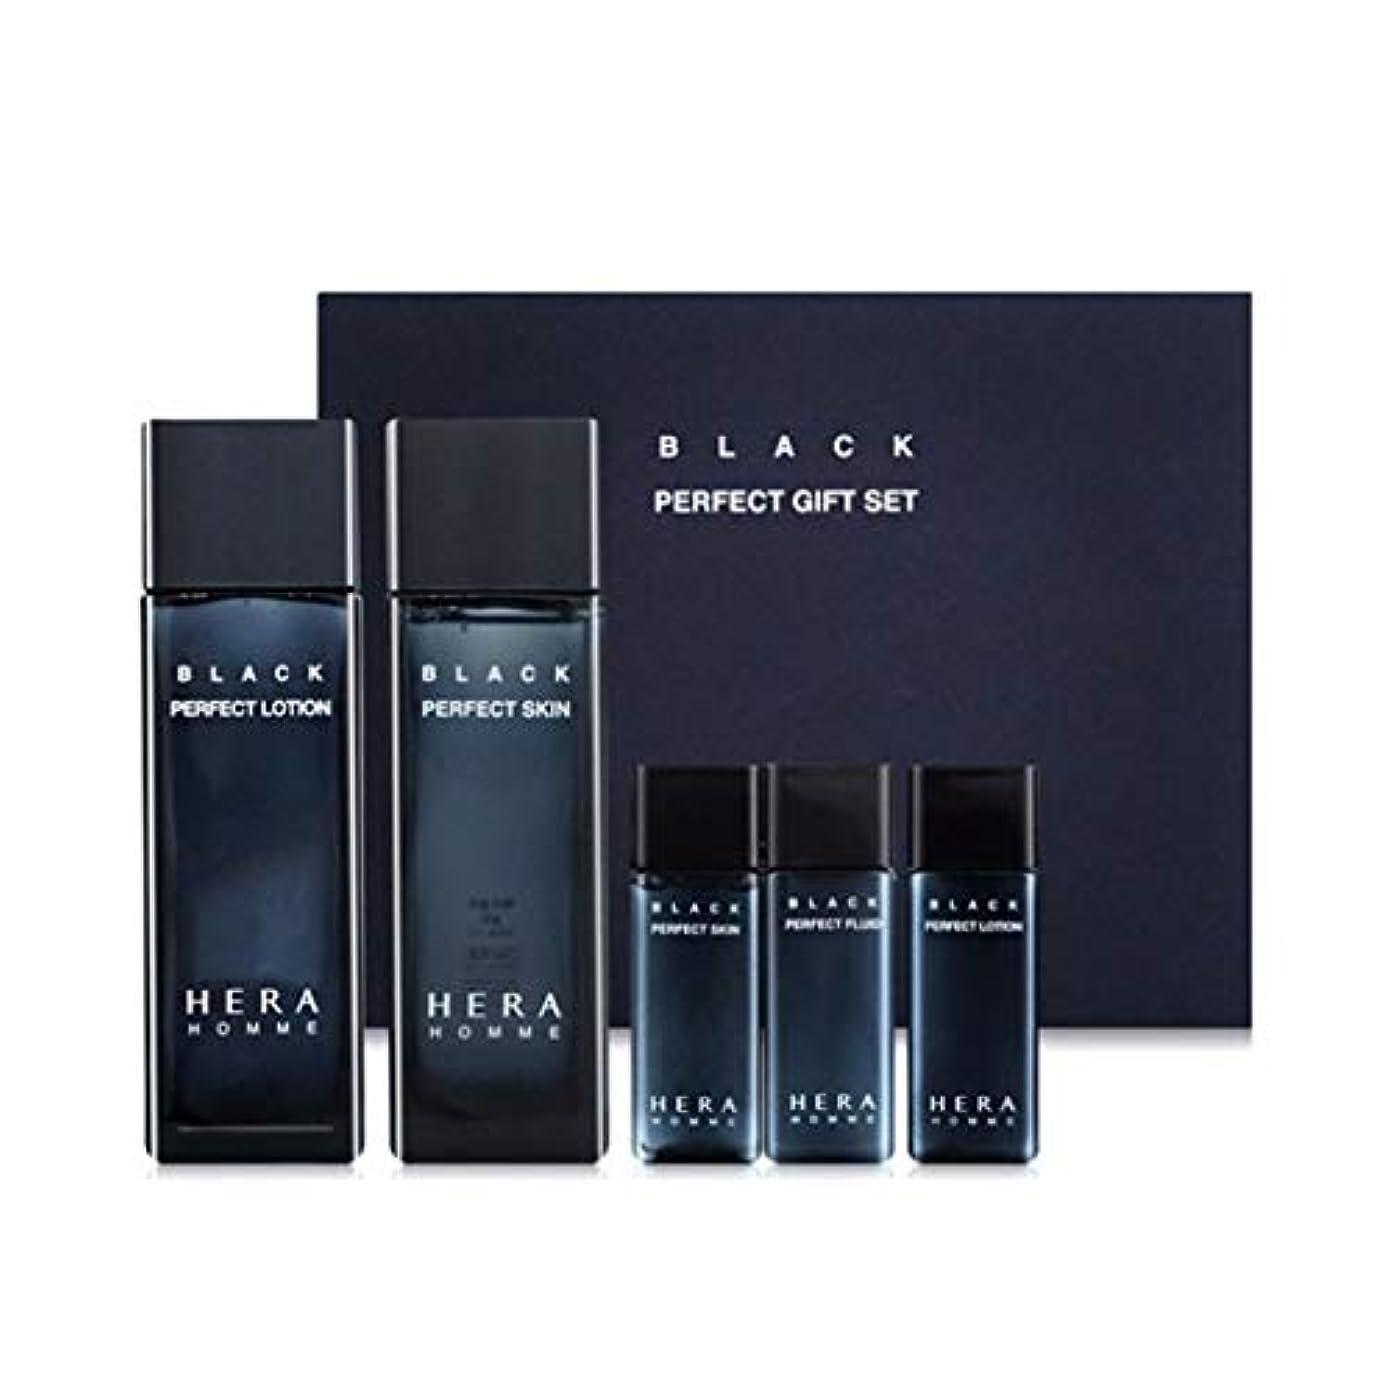 イースター学期小学生ヘラオムブラックパーフェクトスキンローションセットメンズコスメ韓国コスメ、Hera Homme Black Perfect Skin Lotion Set Men's Cosmetics Korean Cosmetics...